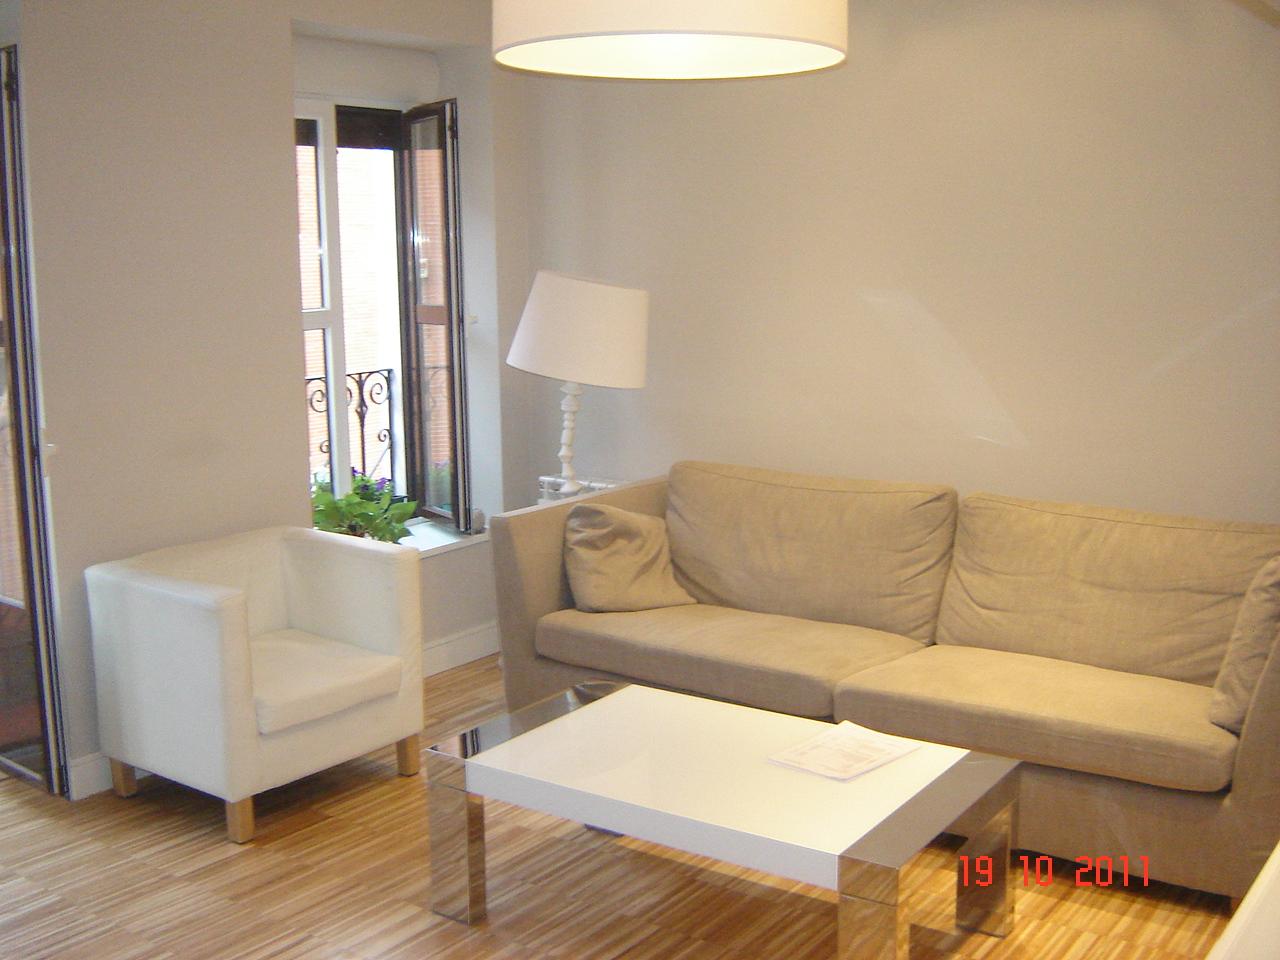 Proyecto axioma reforma de una vivienda en madrid for Puertas y paredes blancas